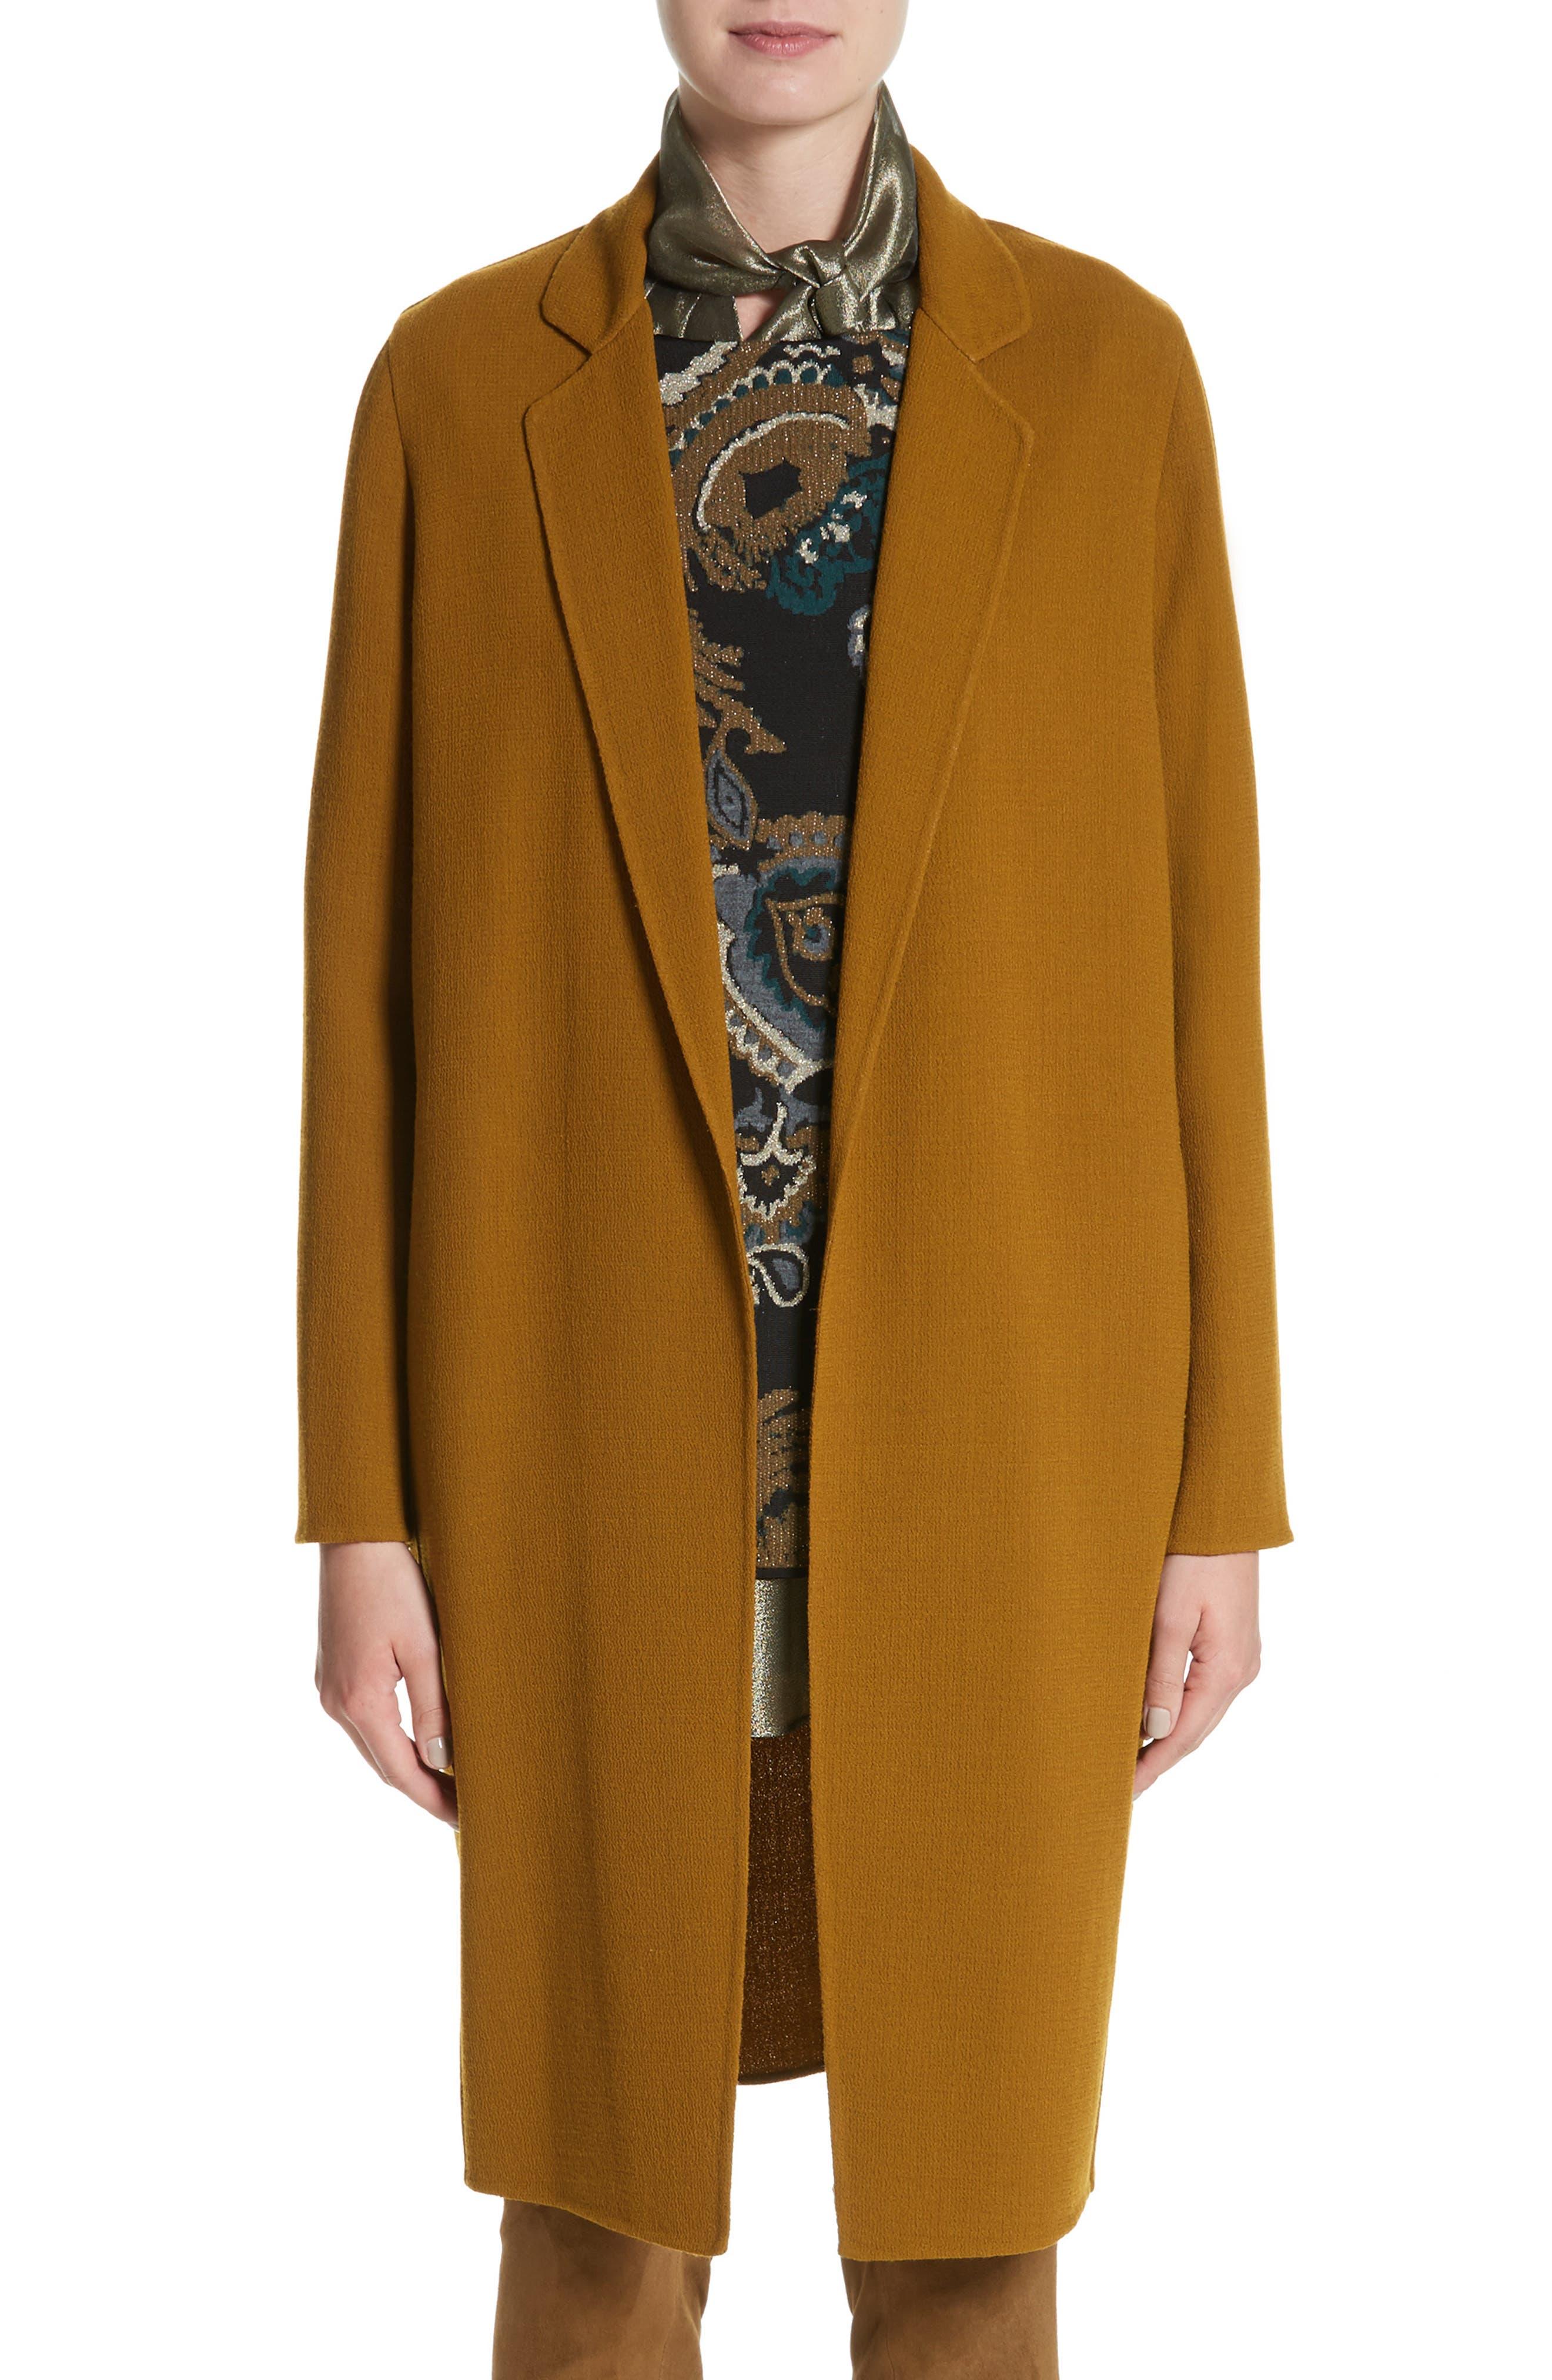 Alternate Image 1 Selected - Lafayette 148 New York Jolina Nouveau Crepe Jacket